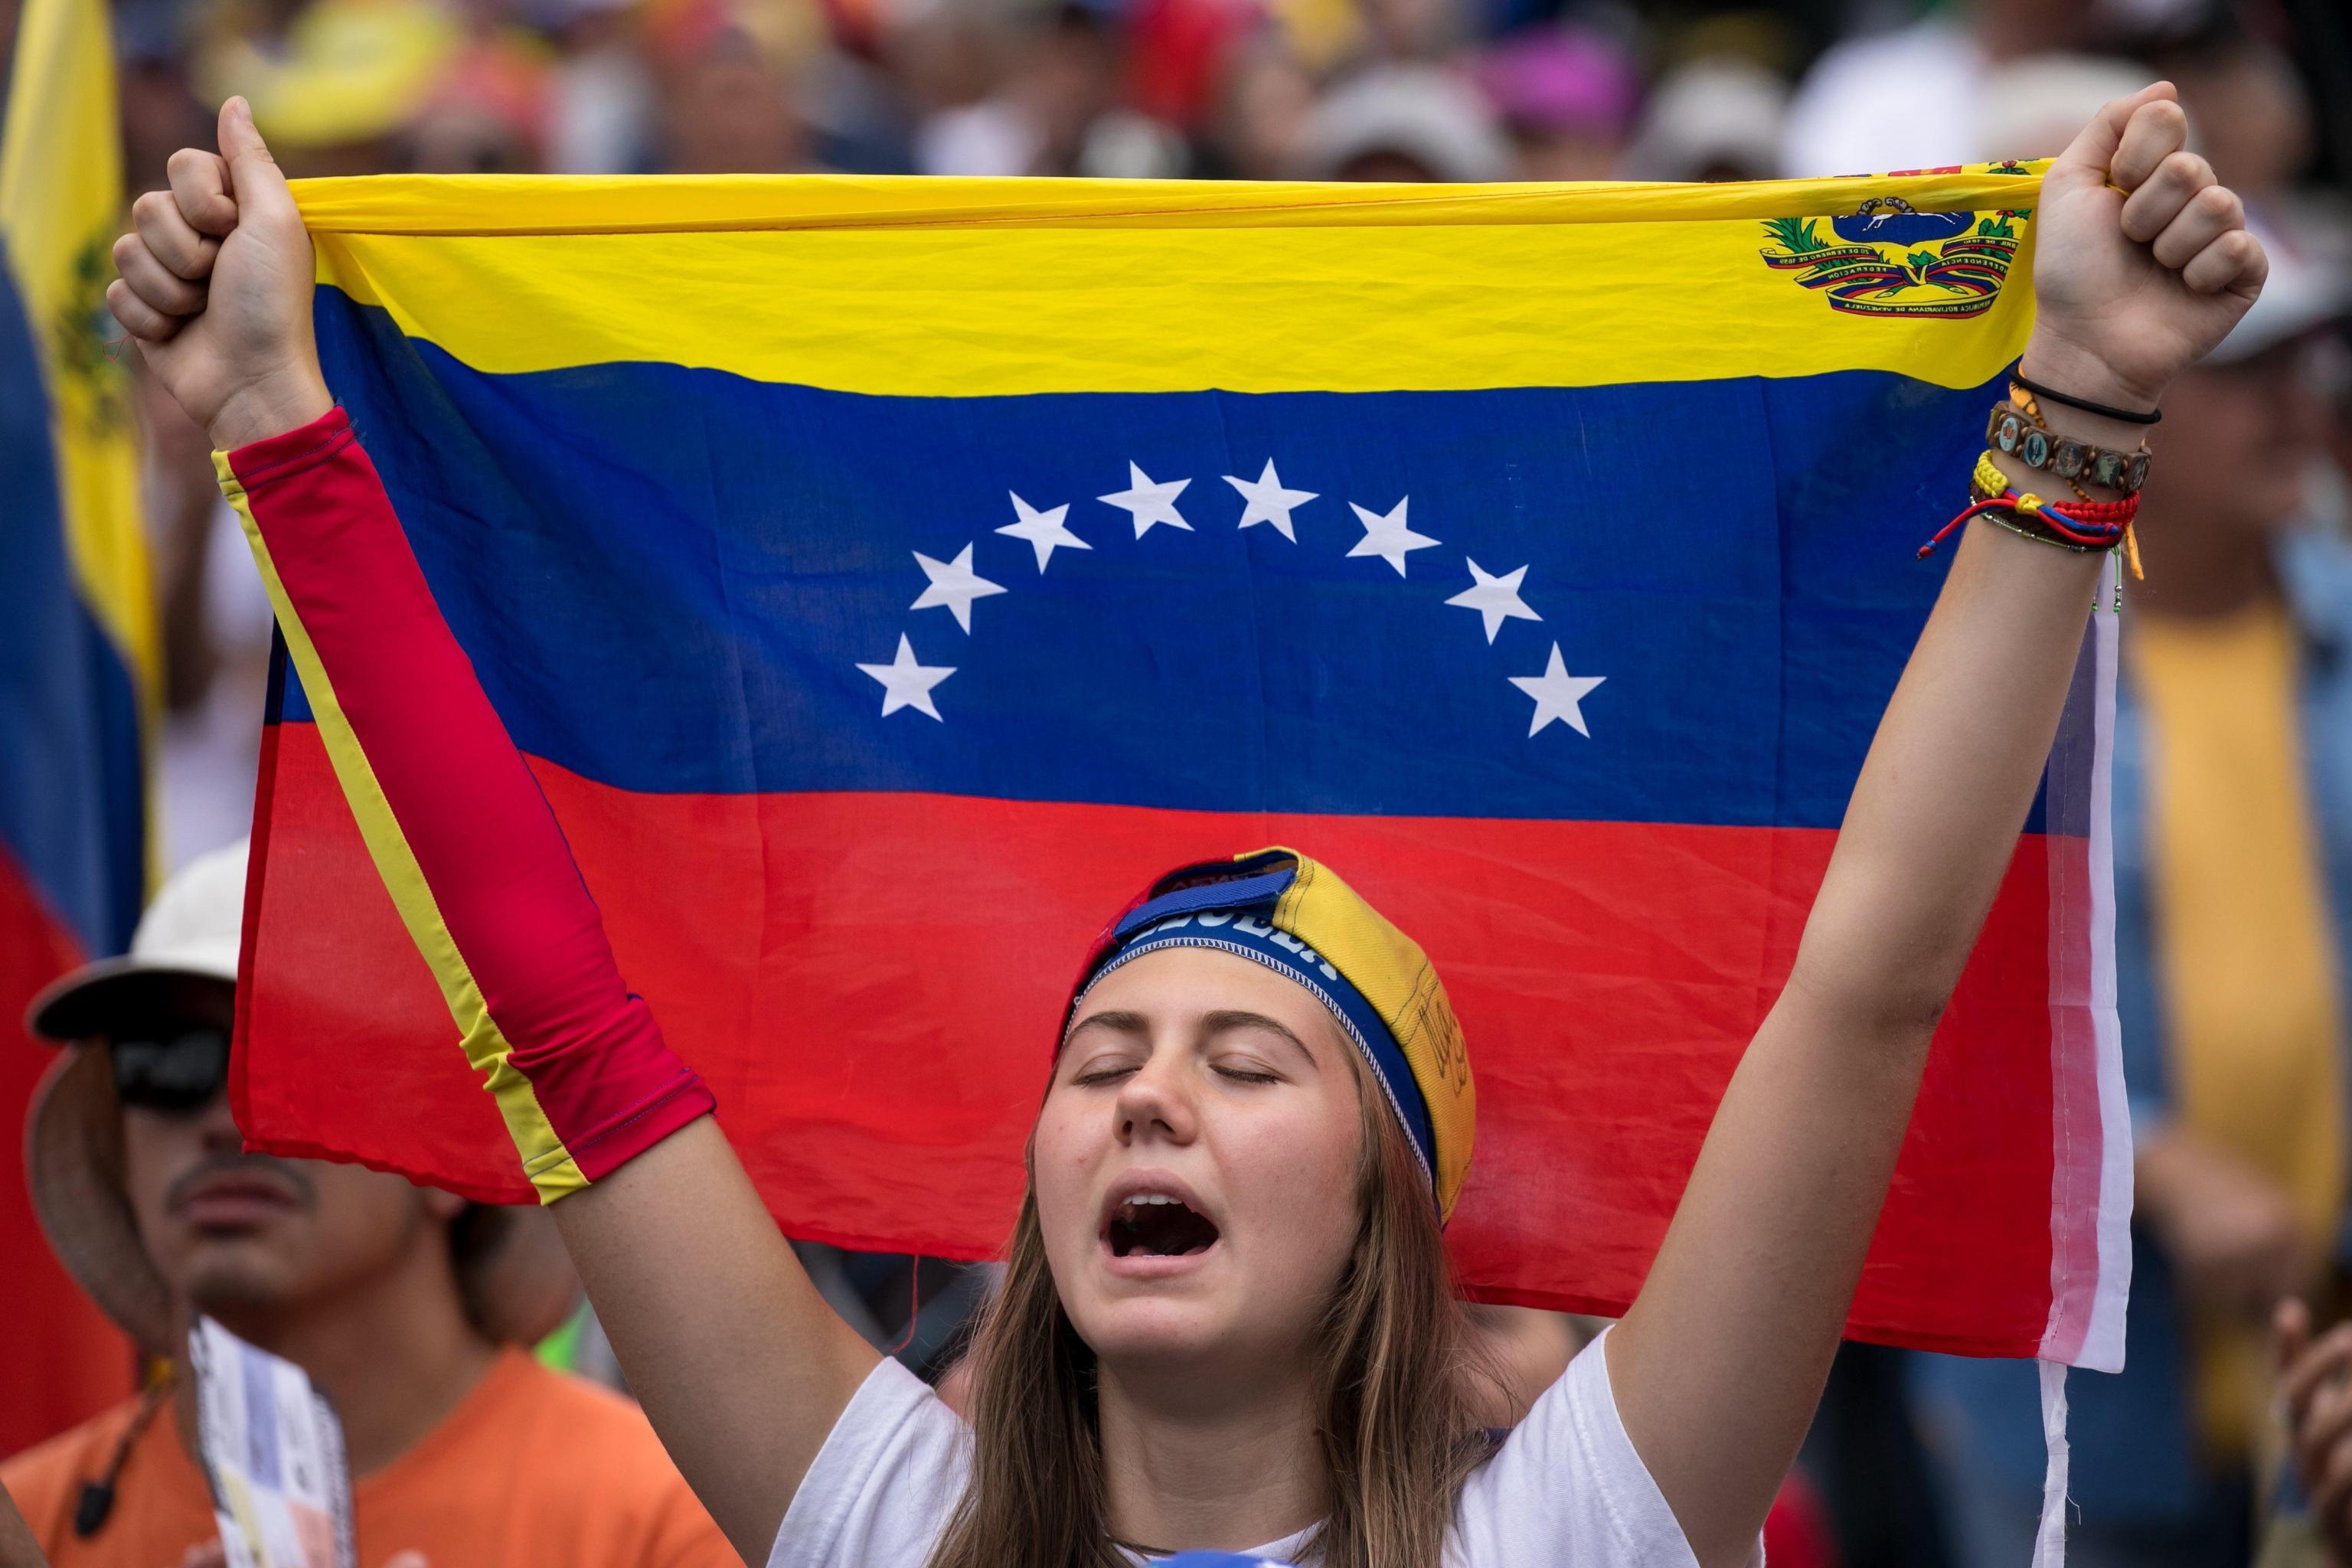 La ricchezza perduta del Venezuela: cosa succede nel paese a rischio default